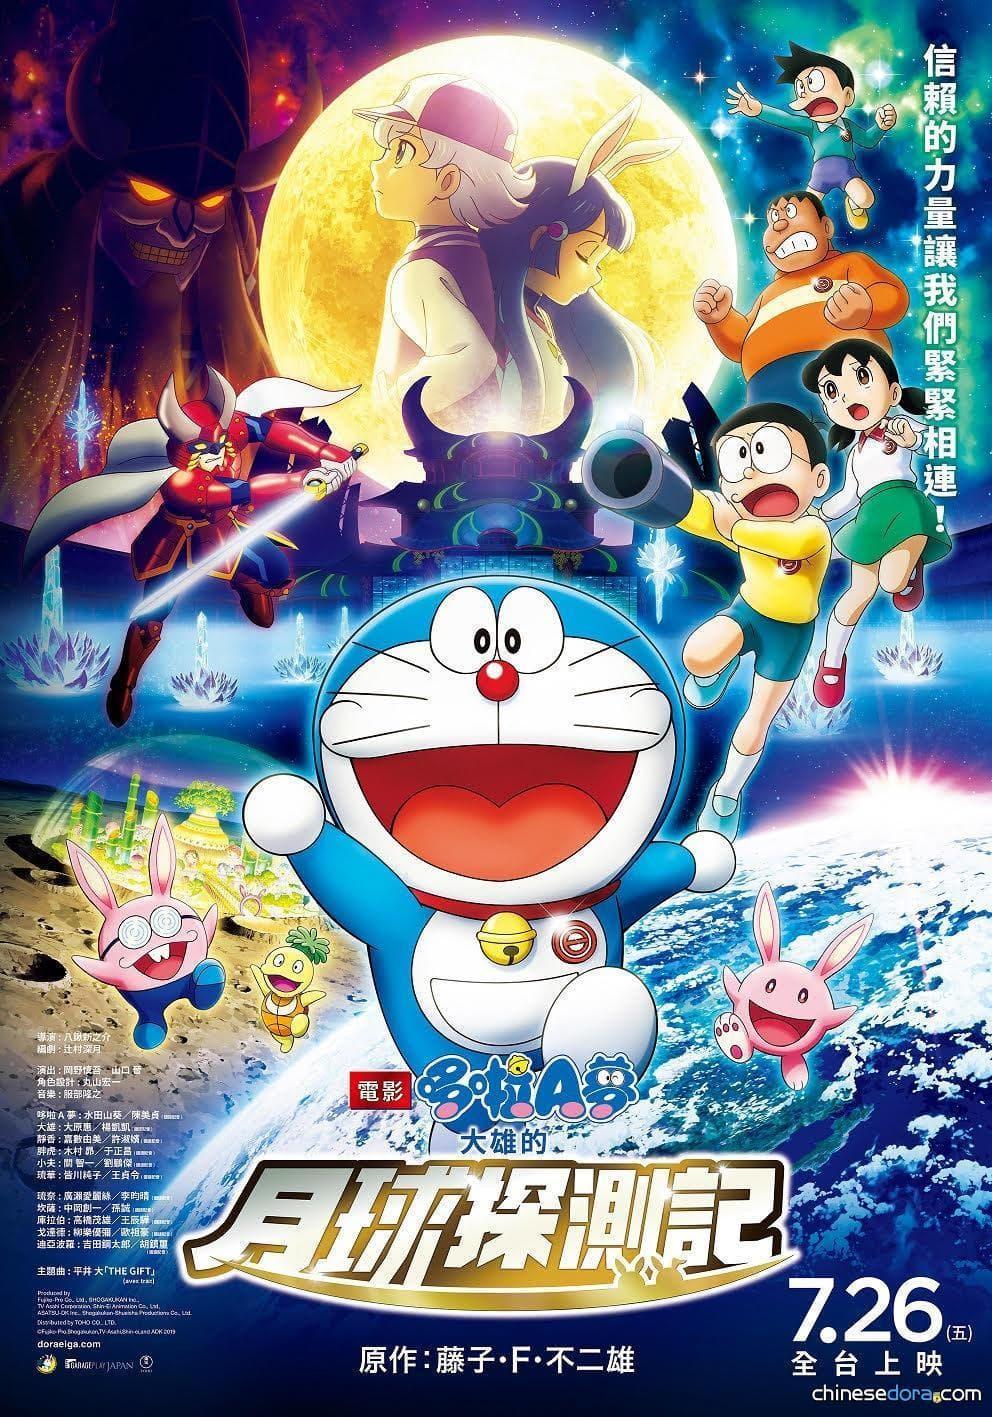 [台灣] 哆啦A夢中文網帶你免費看《大雄的月球探測記》!臉書贈票活動來囉